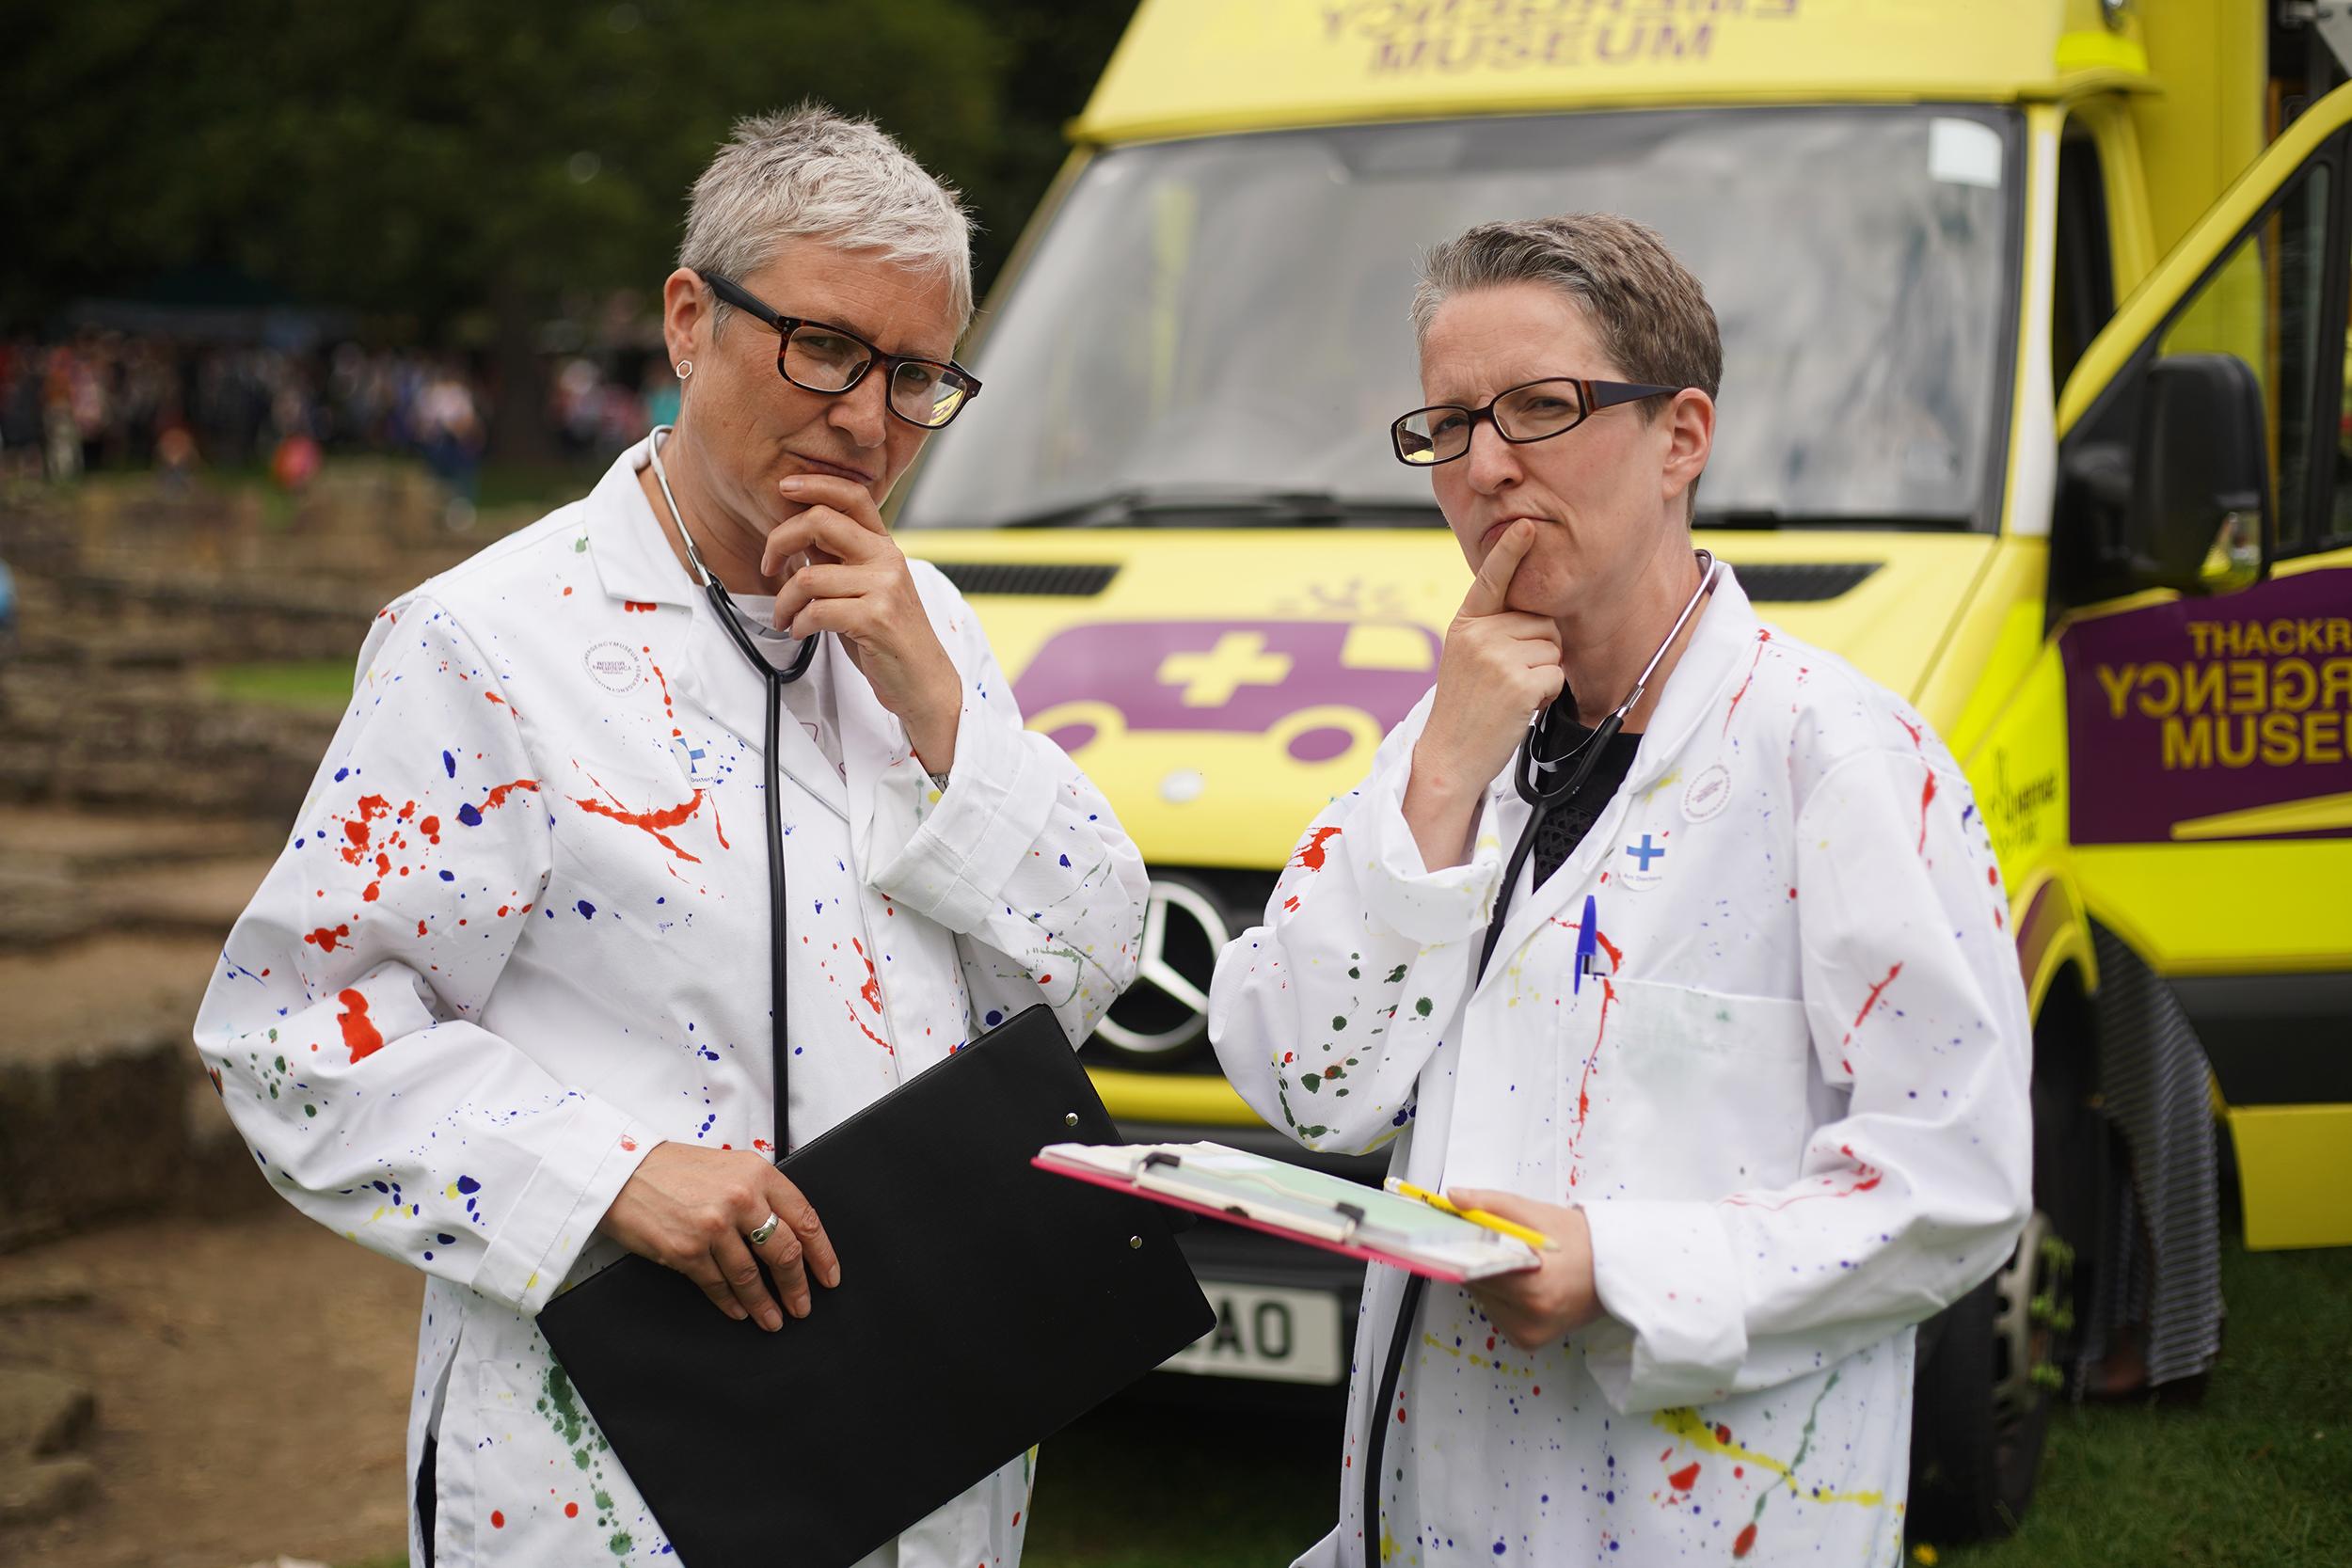 Art Doctors